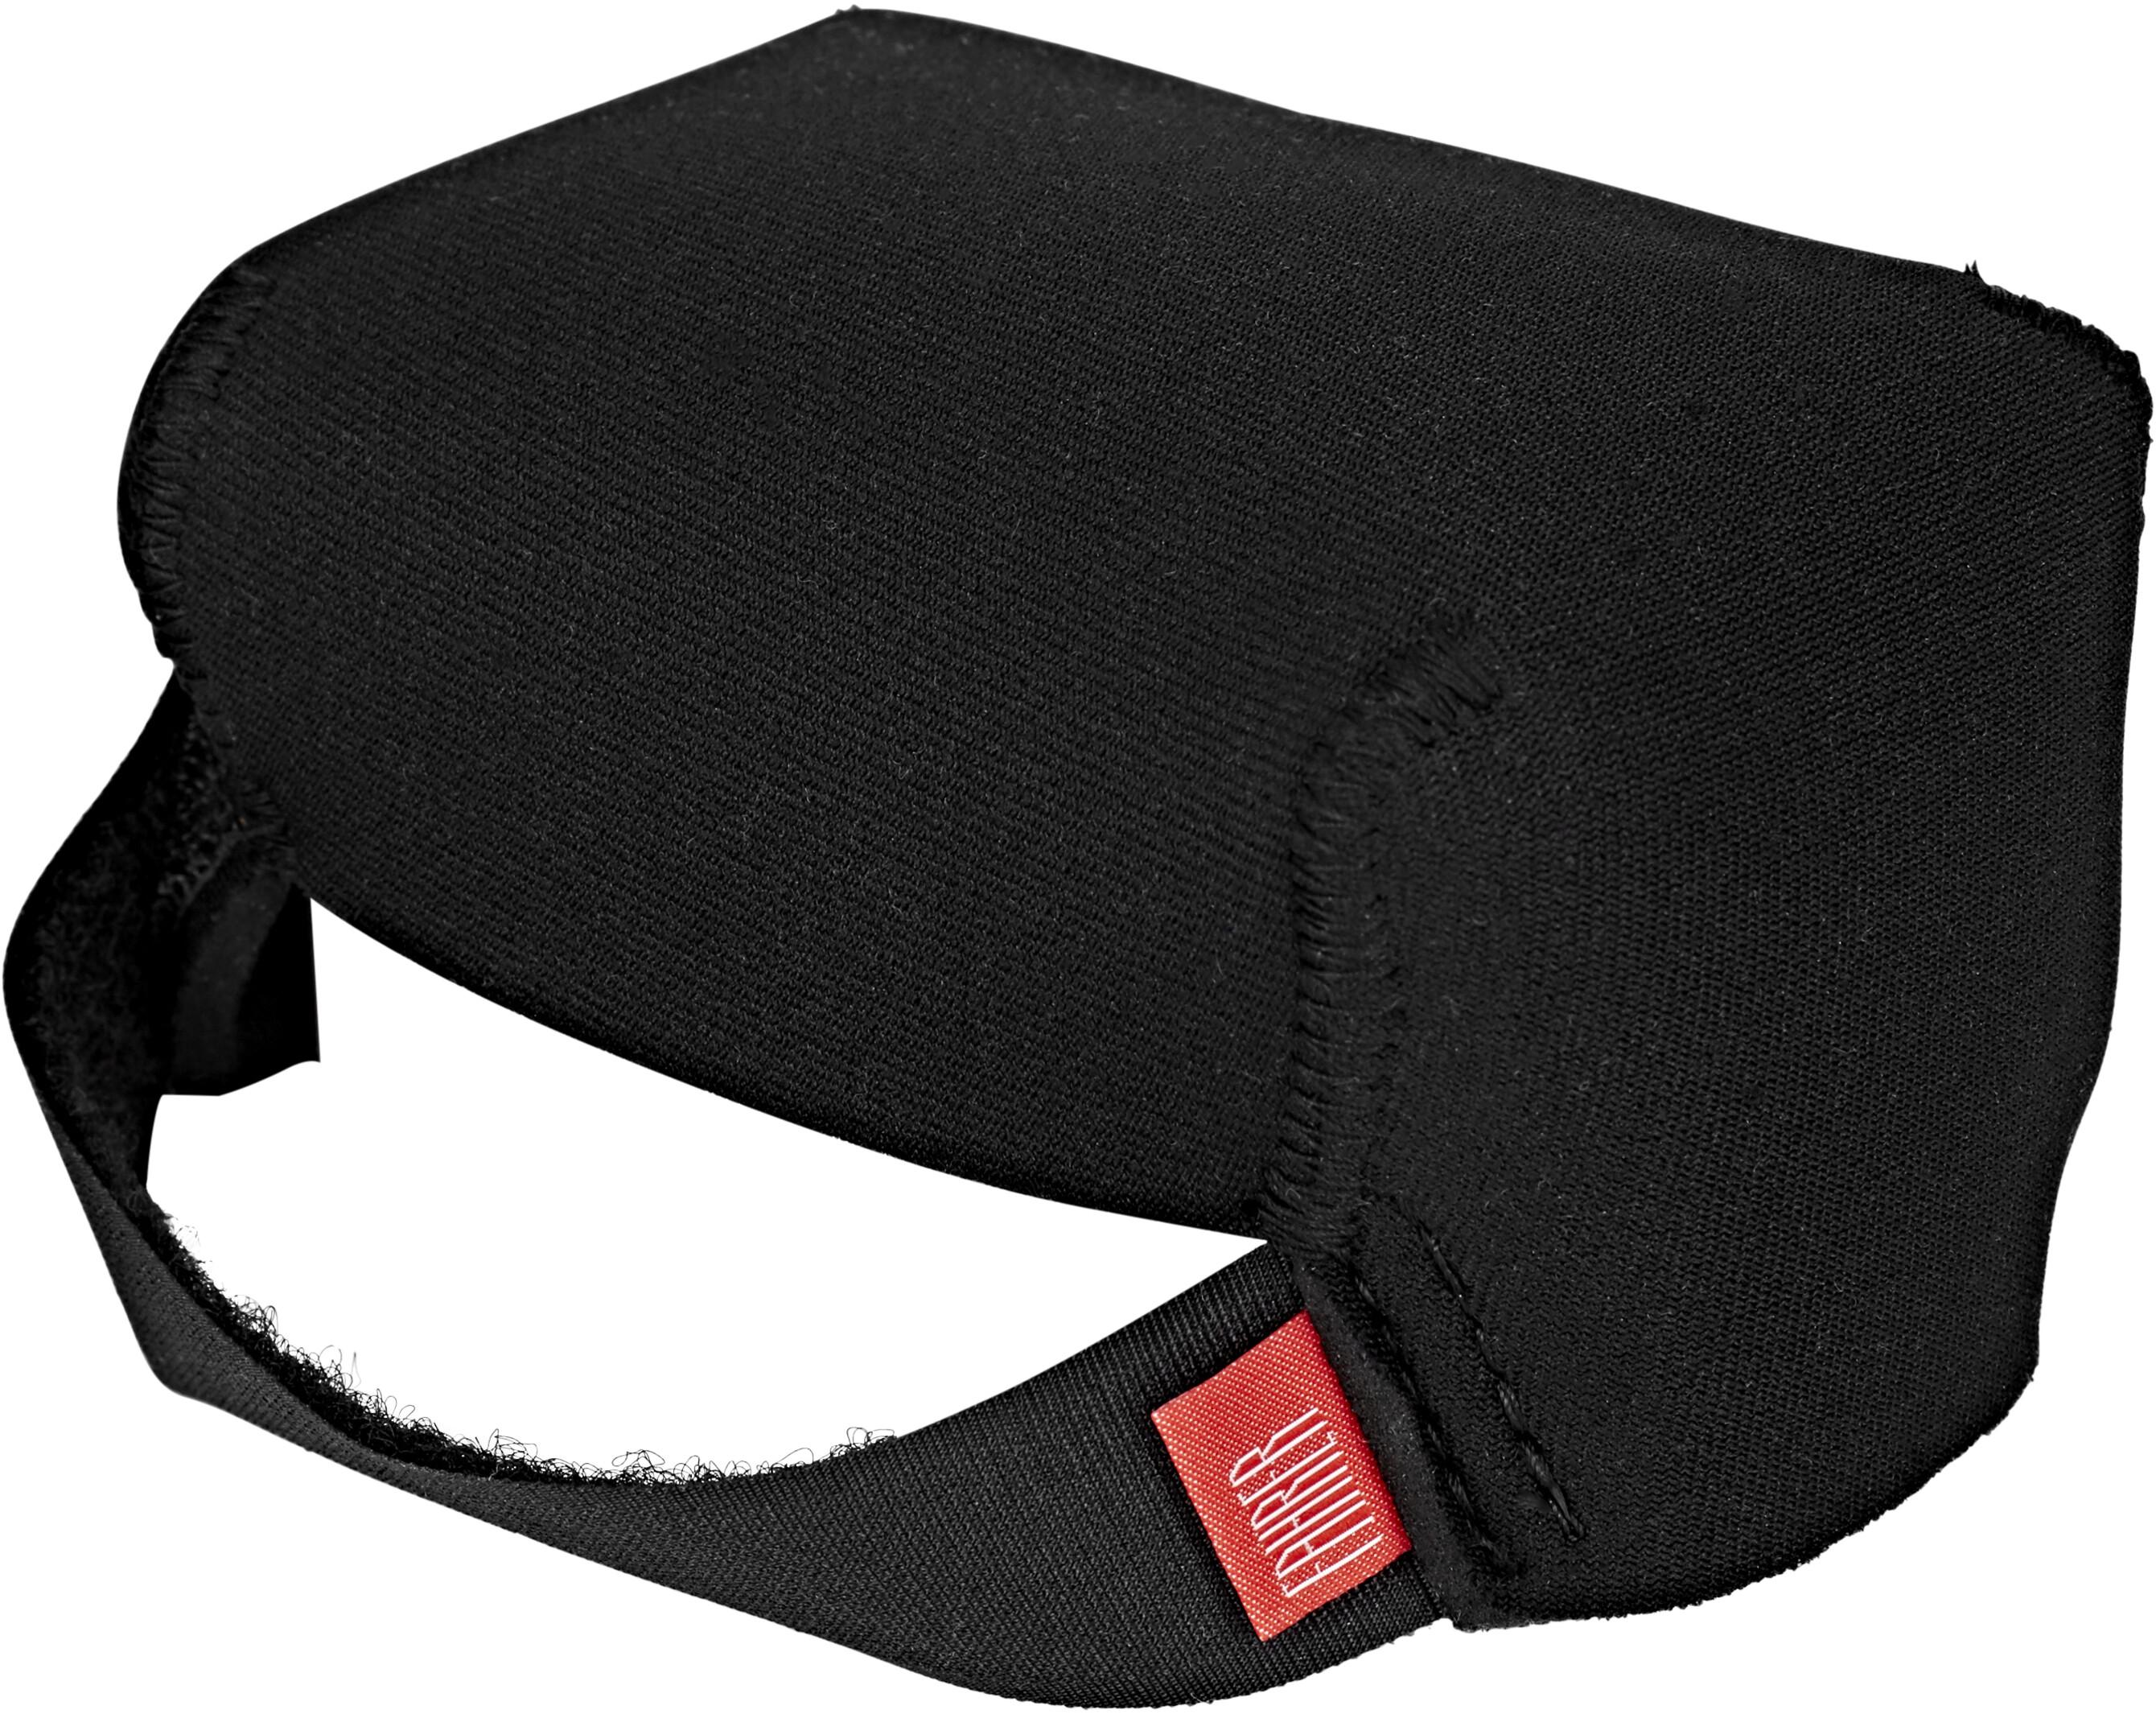 fahrer berlin e bike protection contact batterie porte bagages l noir boutique de v los en. Black Bedroom Furniture Sets. Home Design Ideas